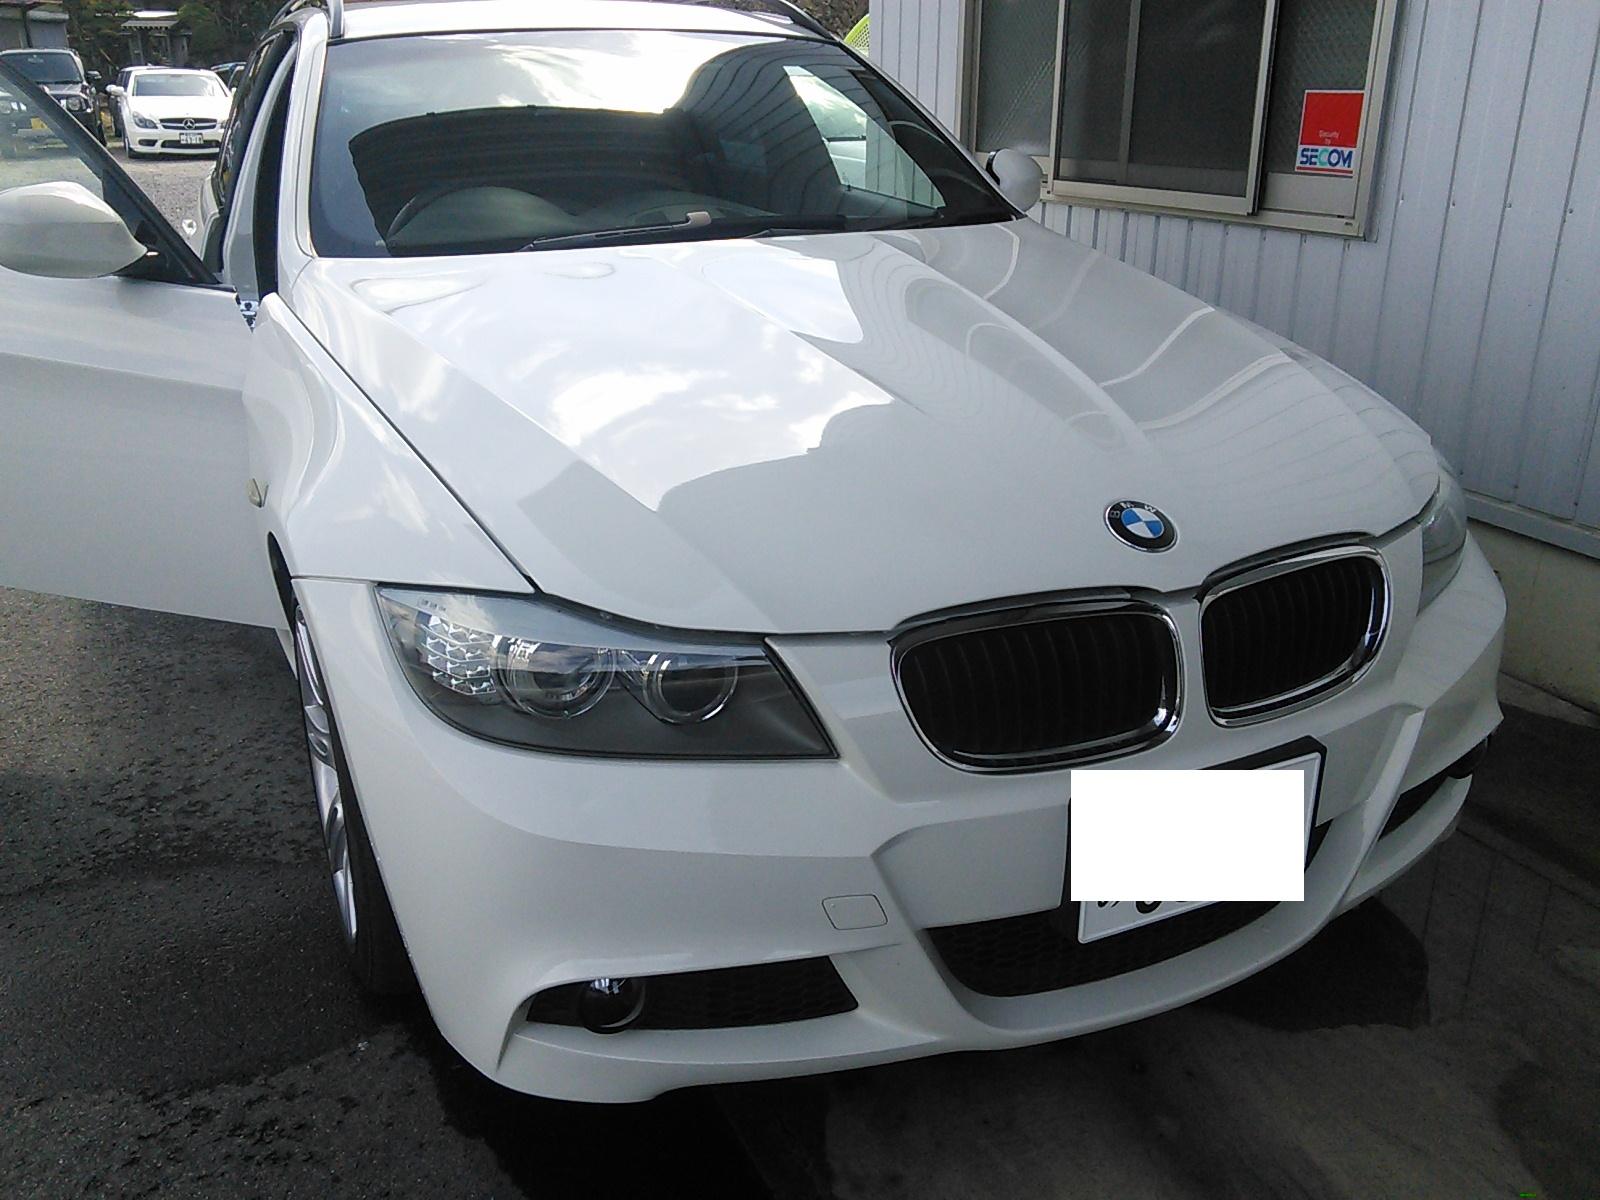 BMW E91 ナビ動かない CICユニット交換 ナビ更新2017